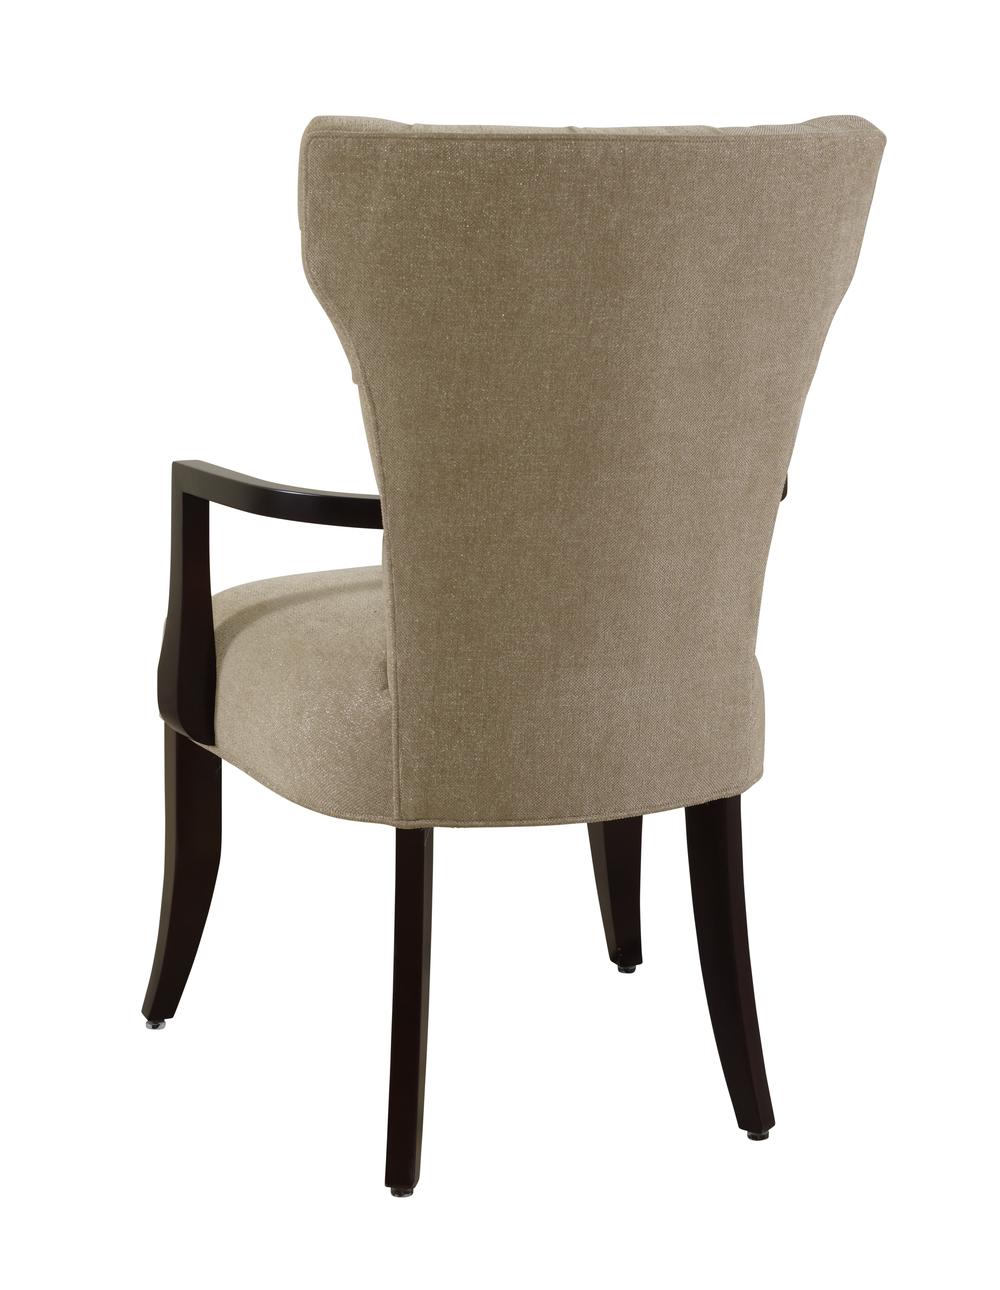 Designmaster Furniture - Fitzgerald Arm Chair